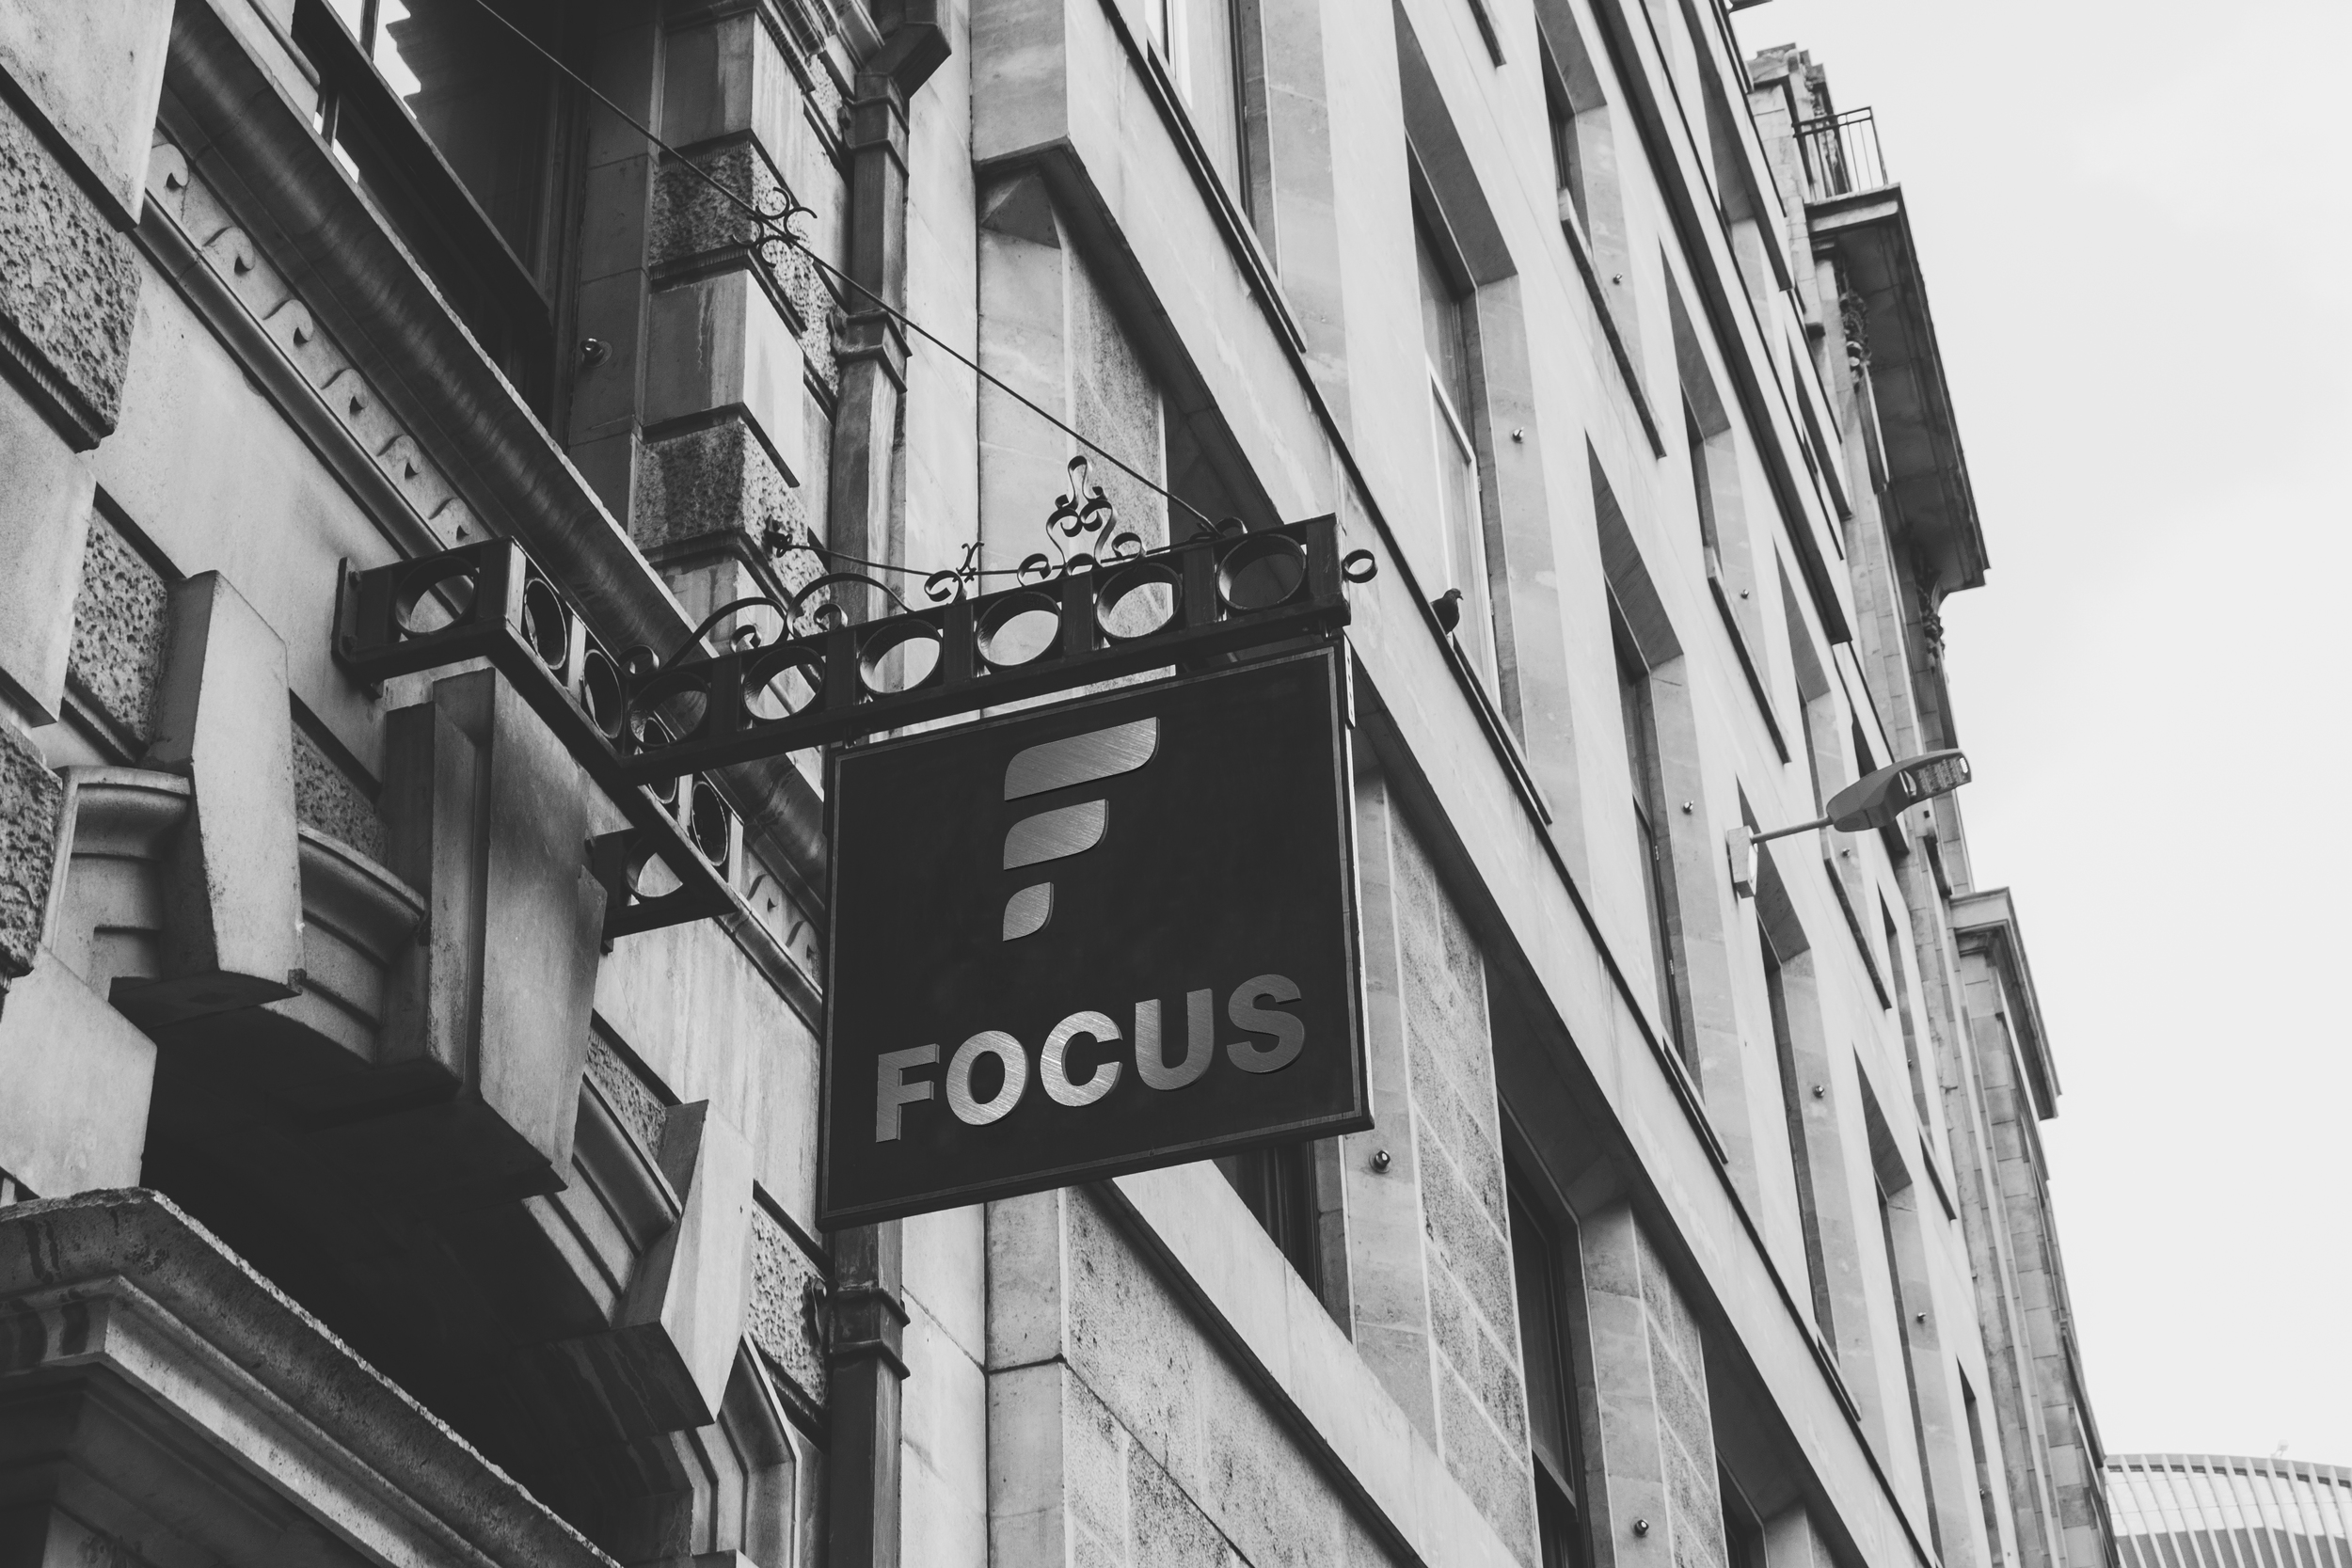 FOCUS_Signage.jpg